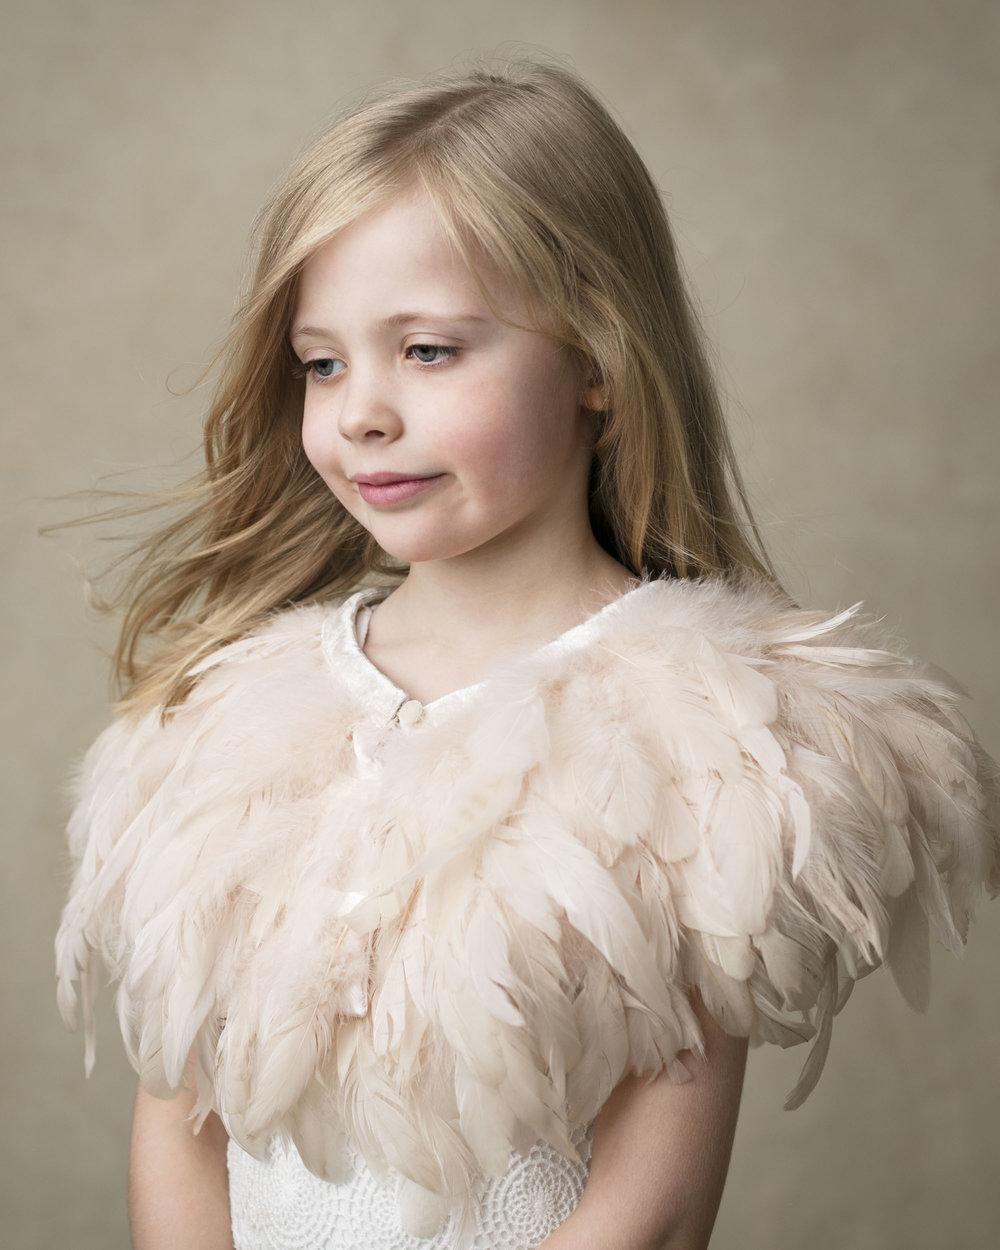 marina-mcdonald-child-portrait-photography-portfolio-canberra-child-feathers